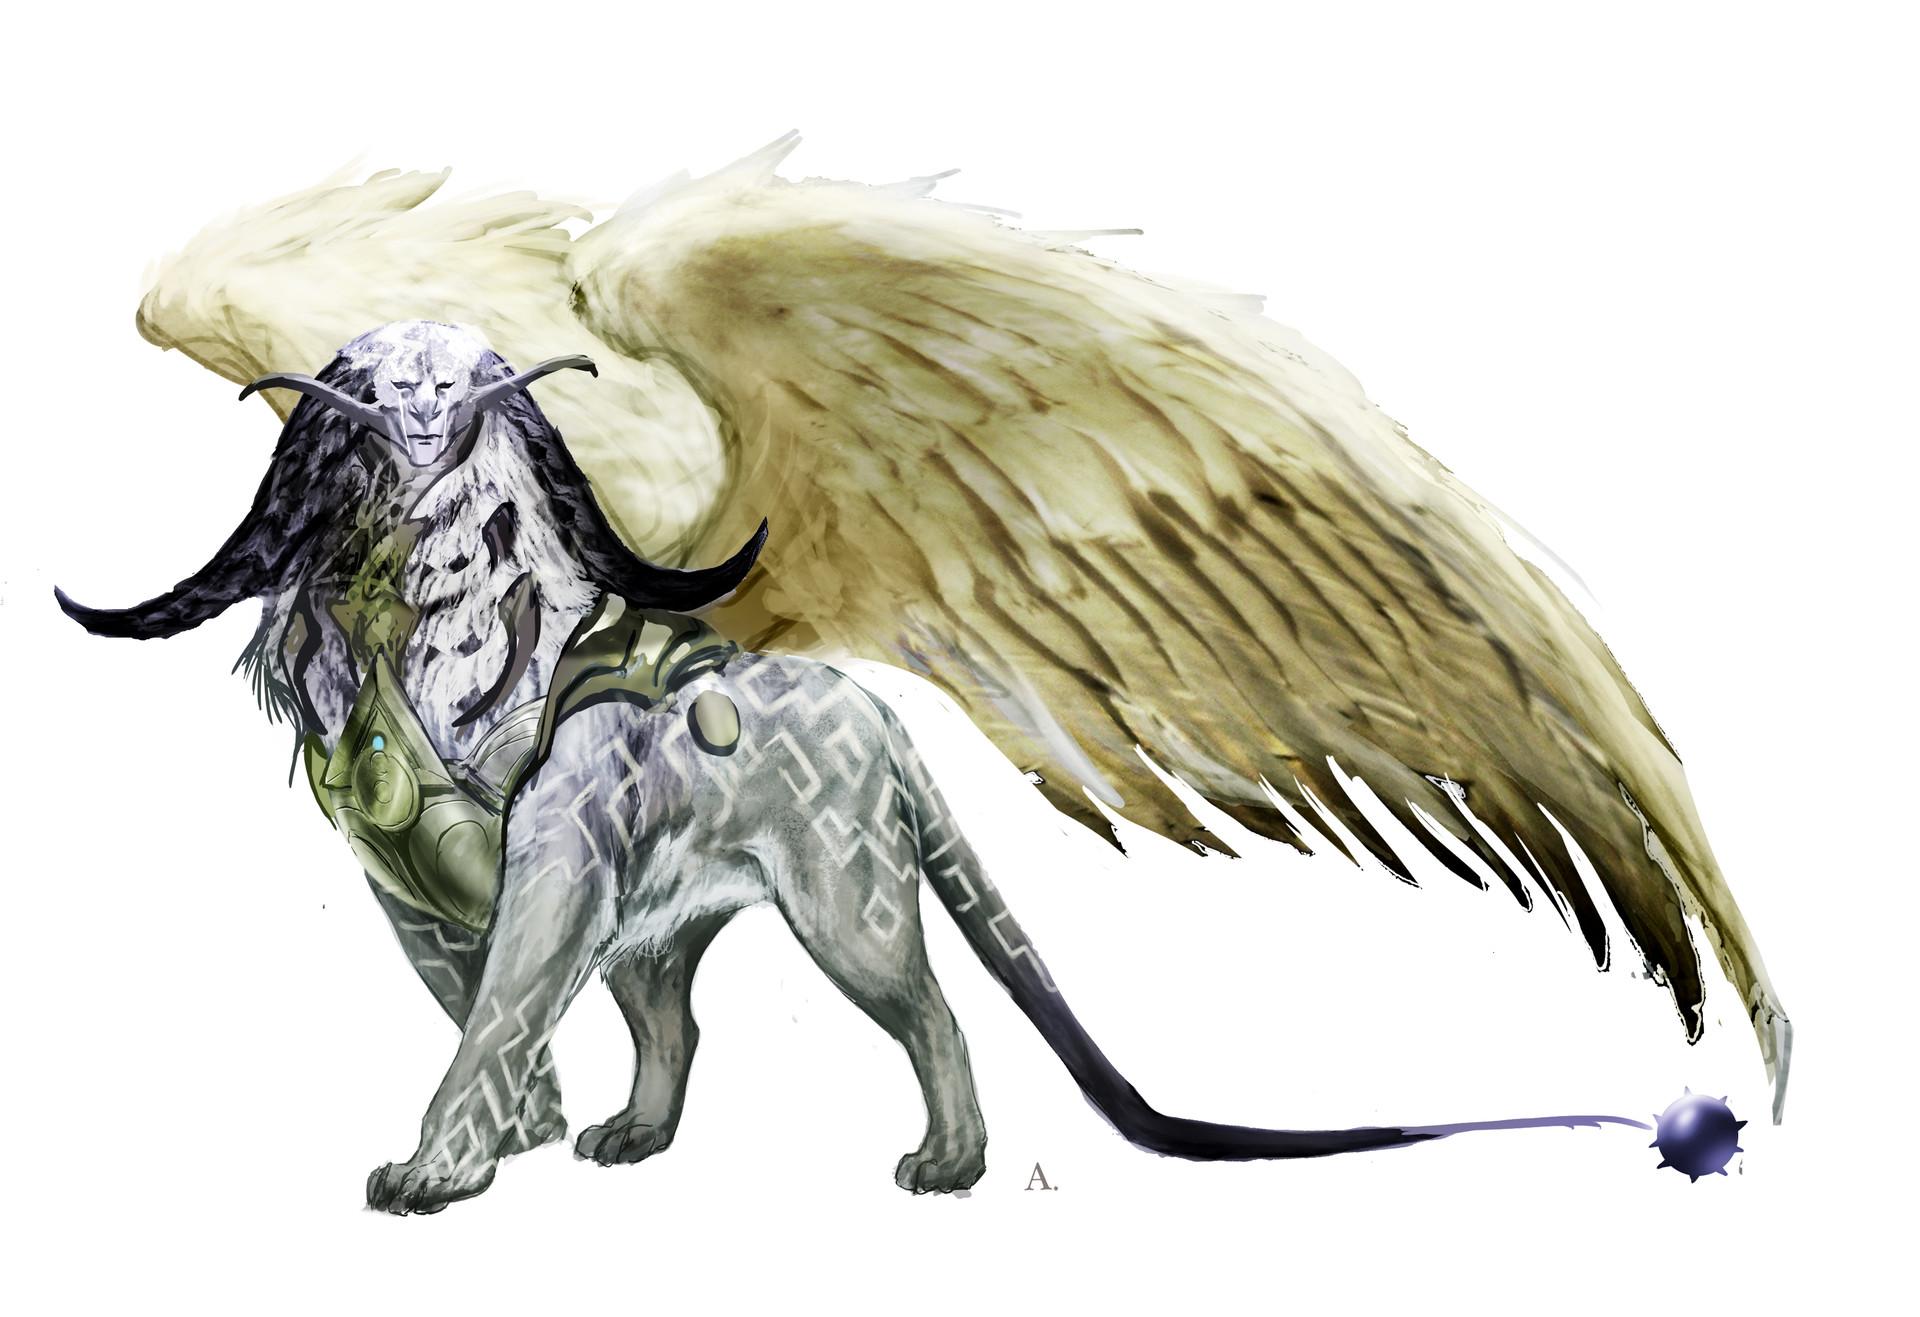 Aleksi briclot magic hook concept azorius creature sphinx